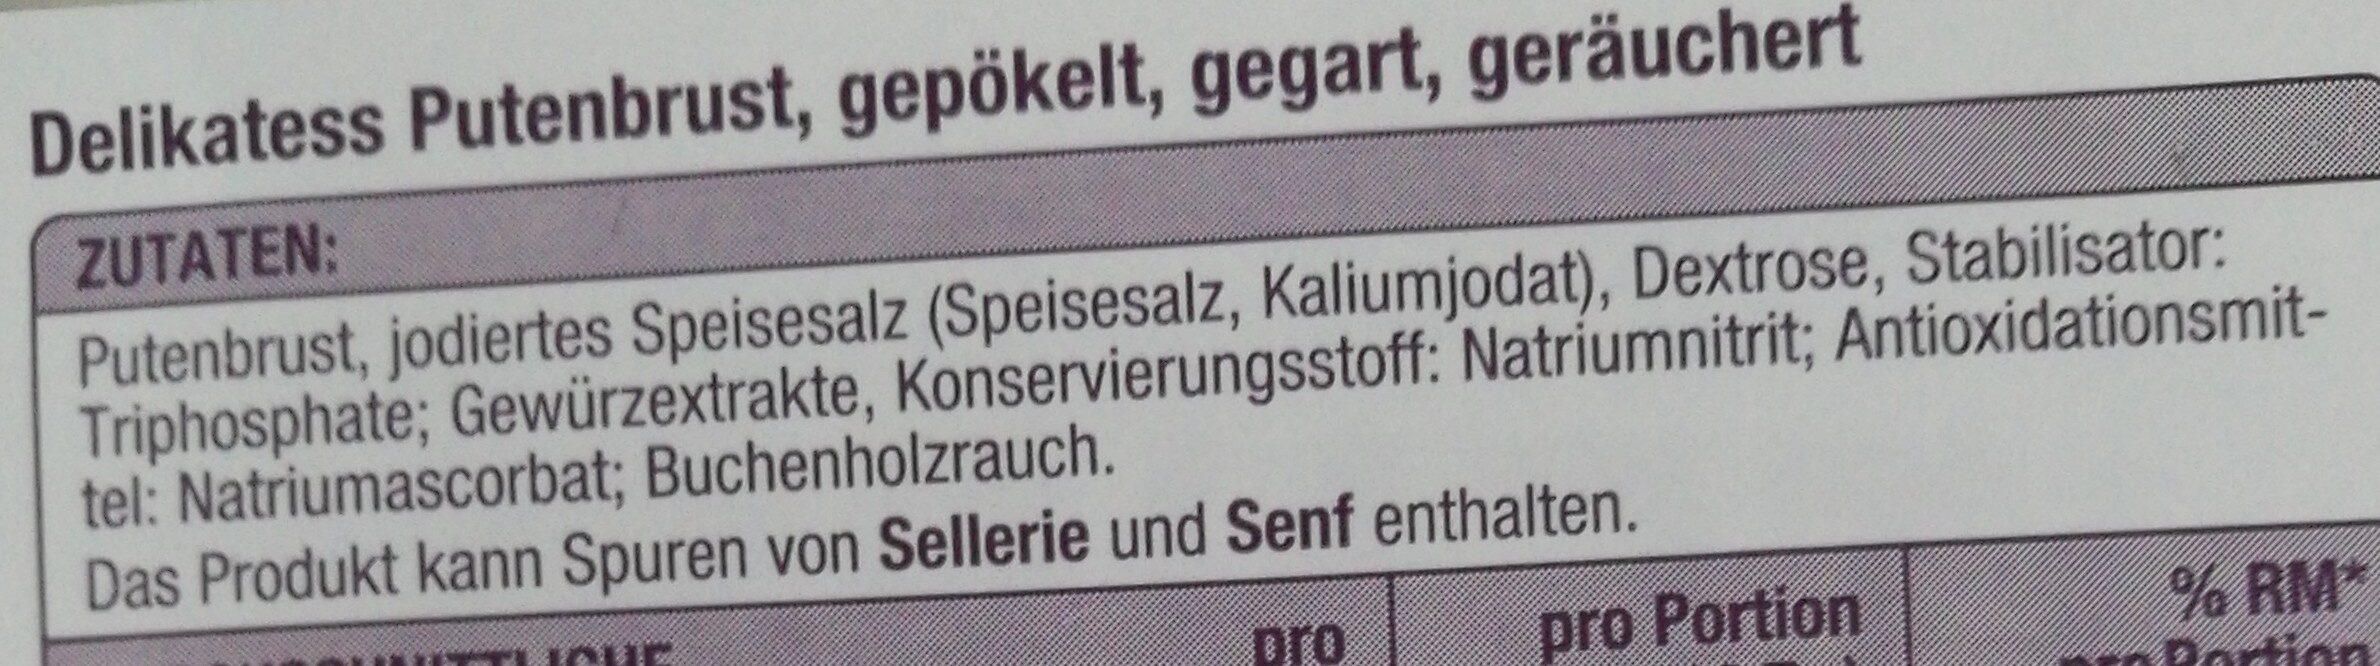 Delikatess Putenbrust - Ingredients - de